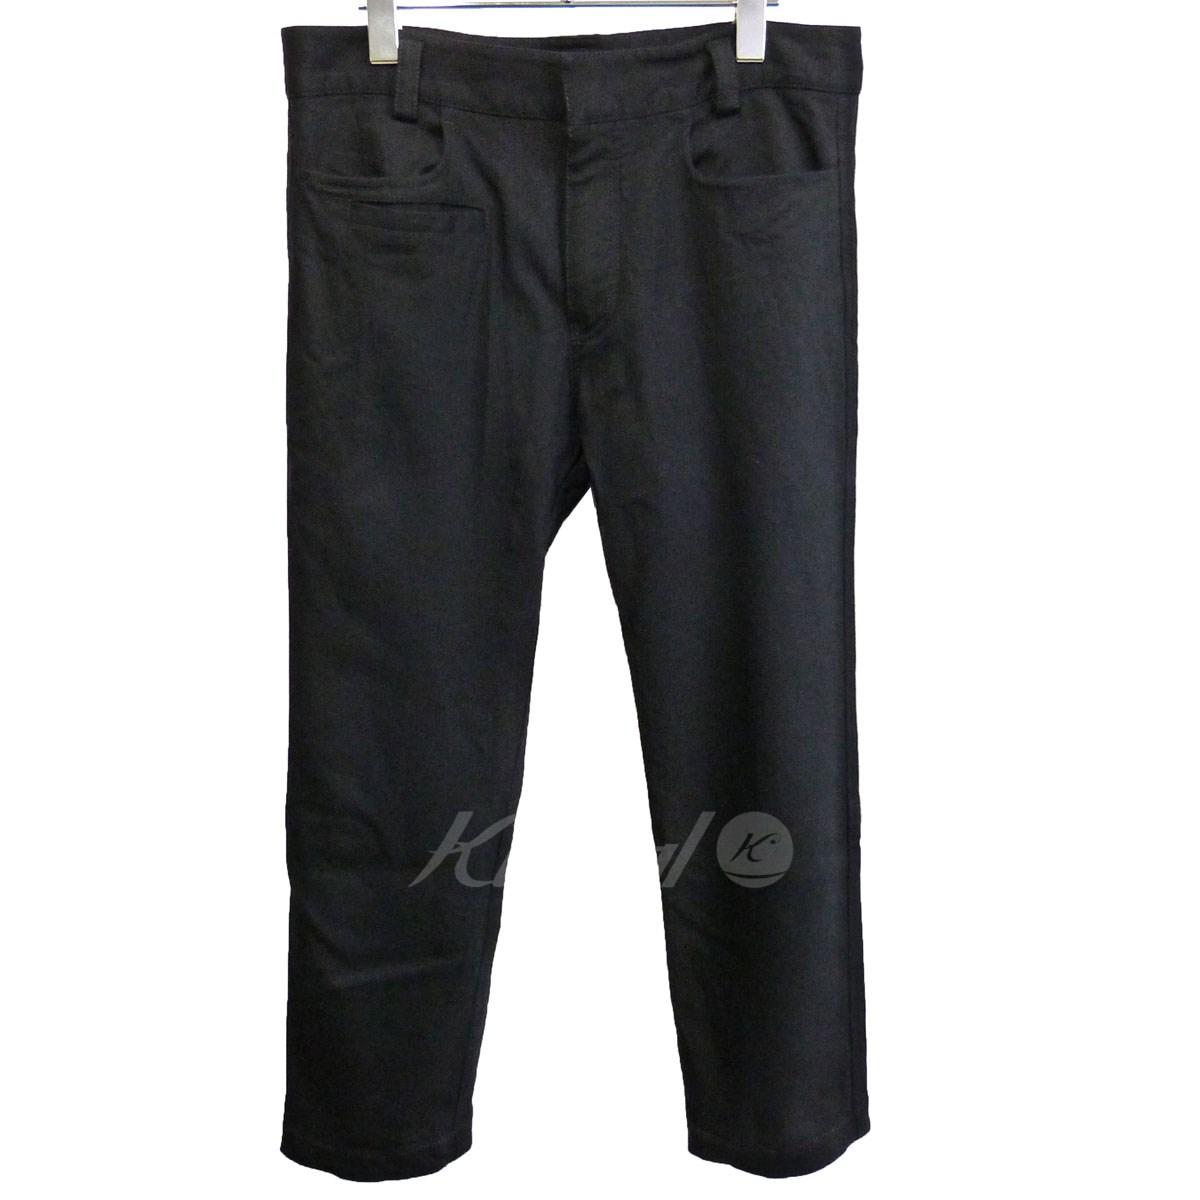 【中古】HAIDER ACKERMANNクロップドパンツ ブラック サイズ:S【3月9日見直し】